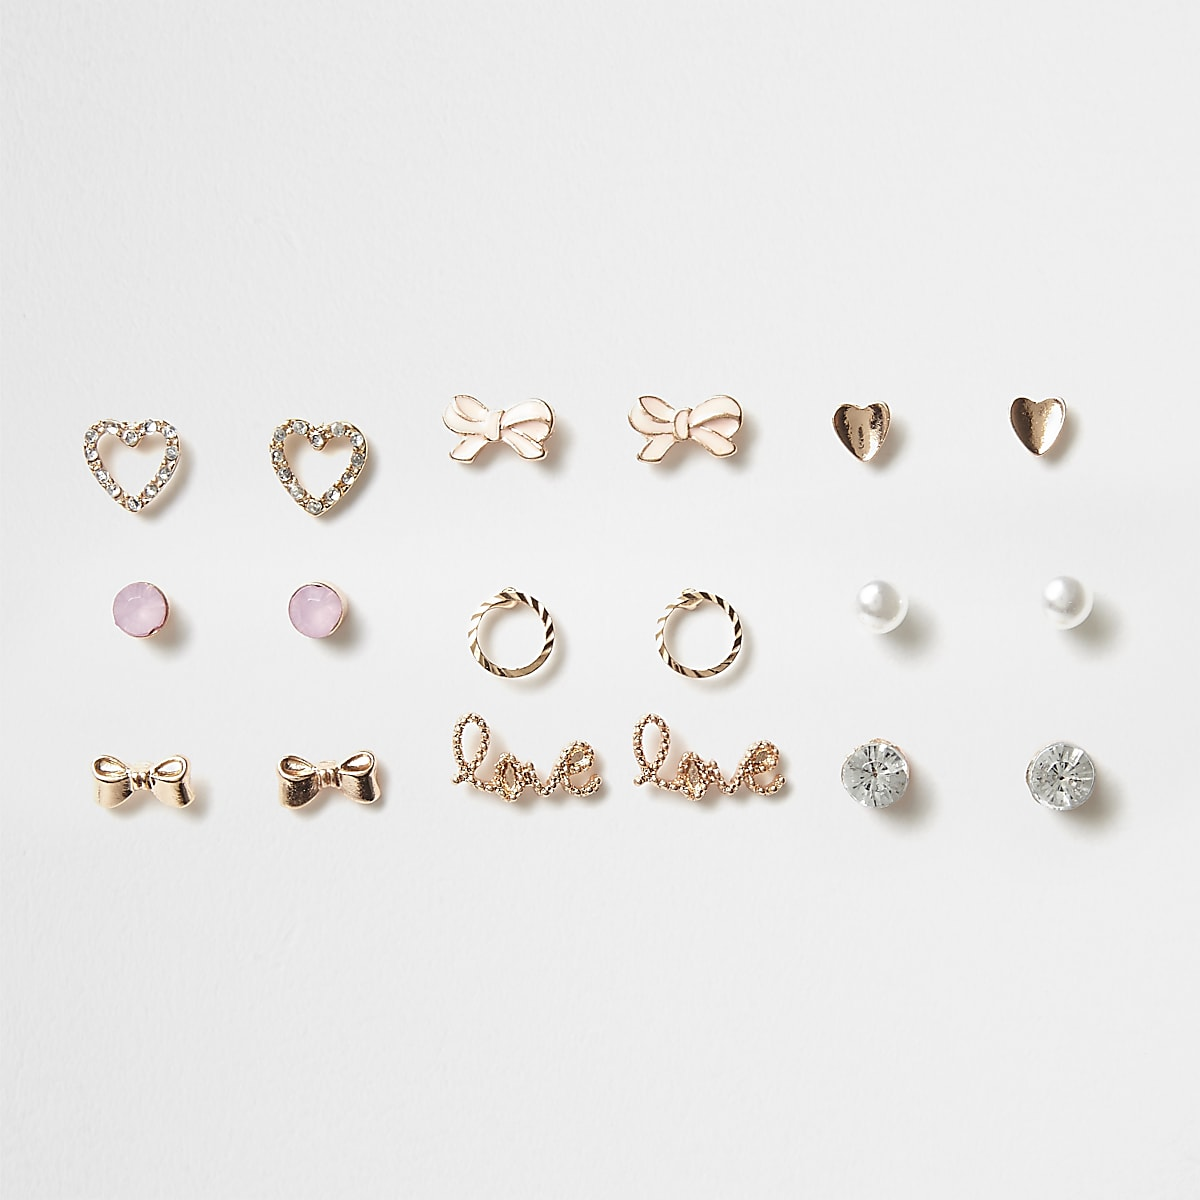 Girls rose gold tone heart stud earrings pack